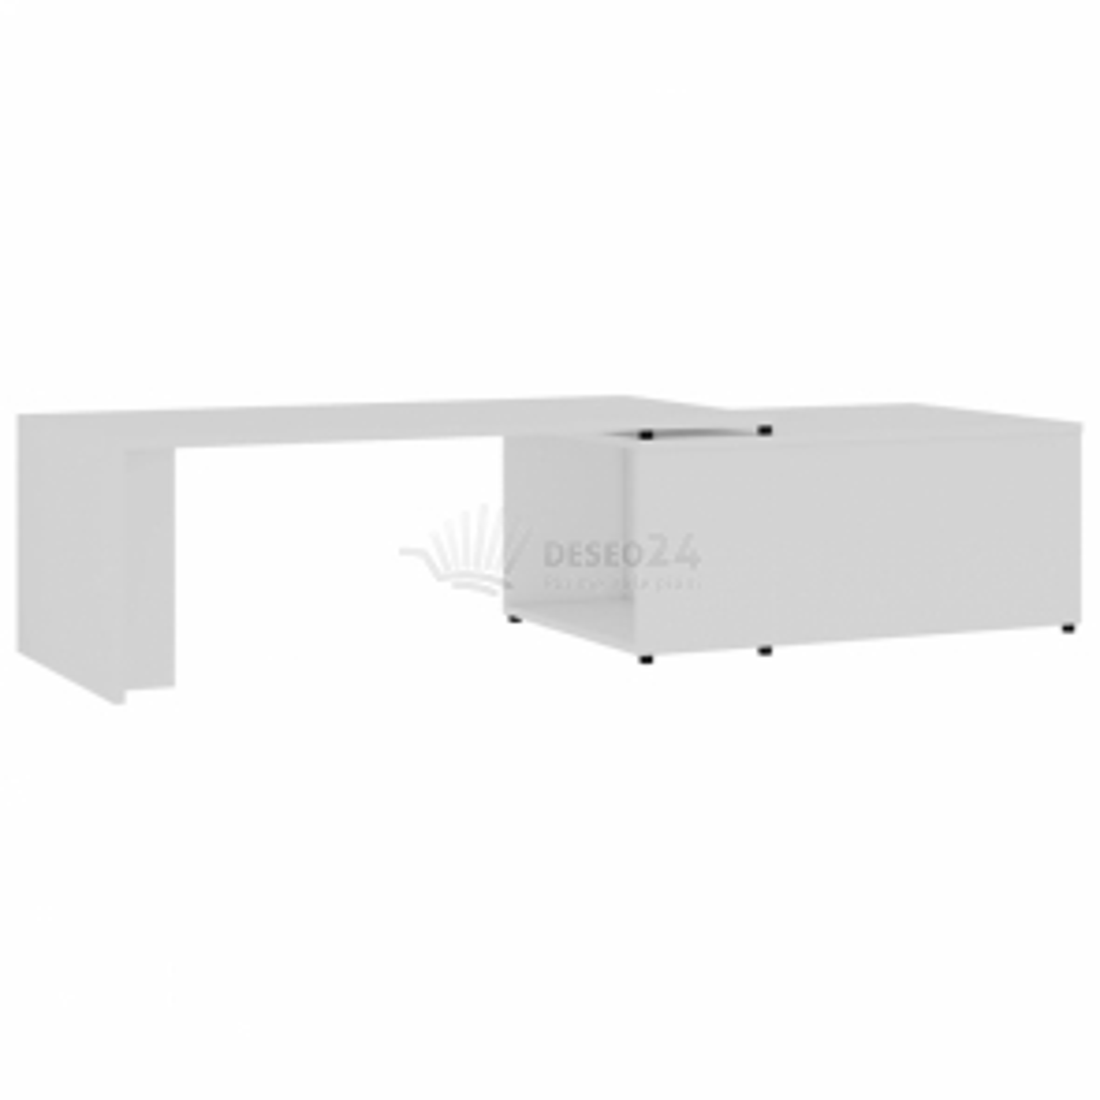 vidaXL Konferenční stolek bílý 150 x 50 x 35 cm dřevotříska [801337]